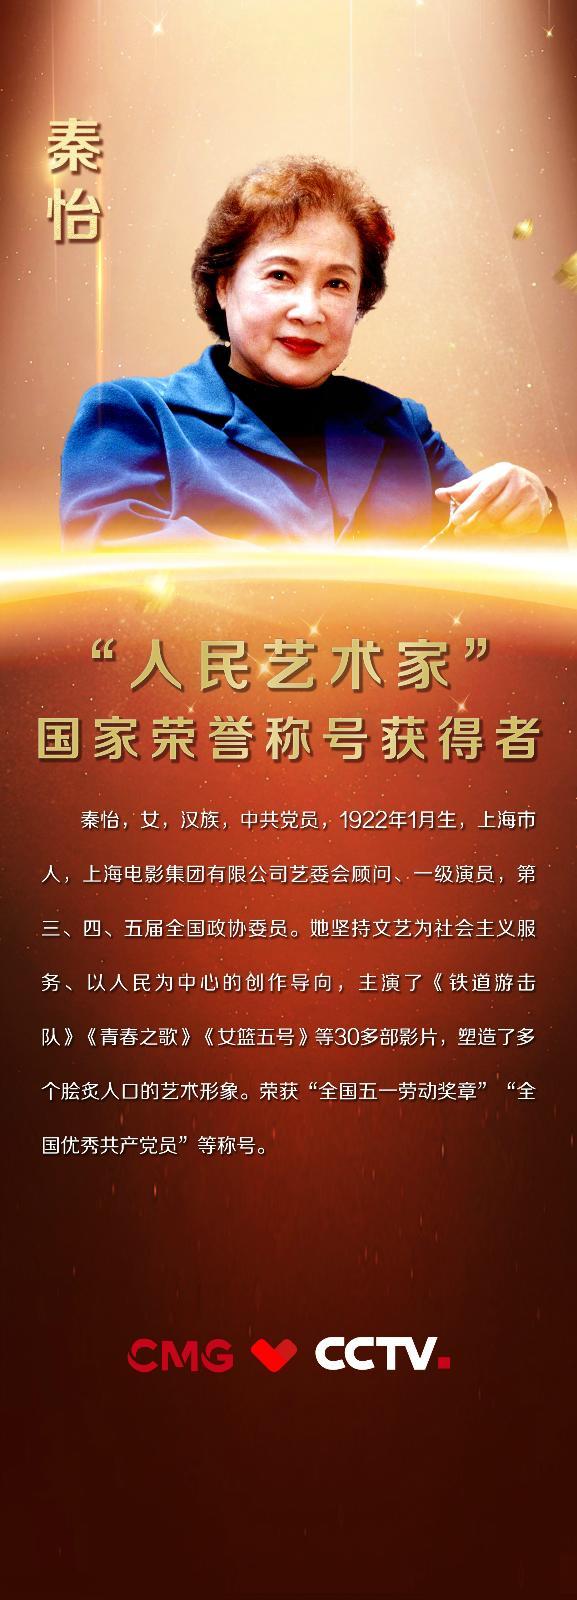 """中国荧幕不老的""""青春之歌""""——秦怡"""